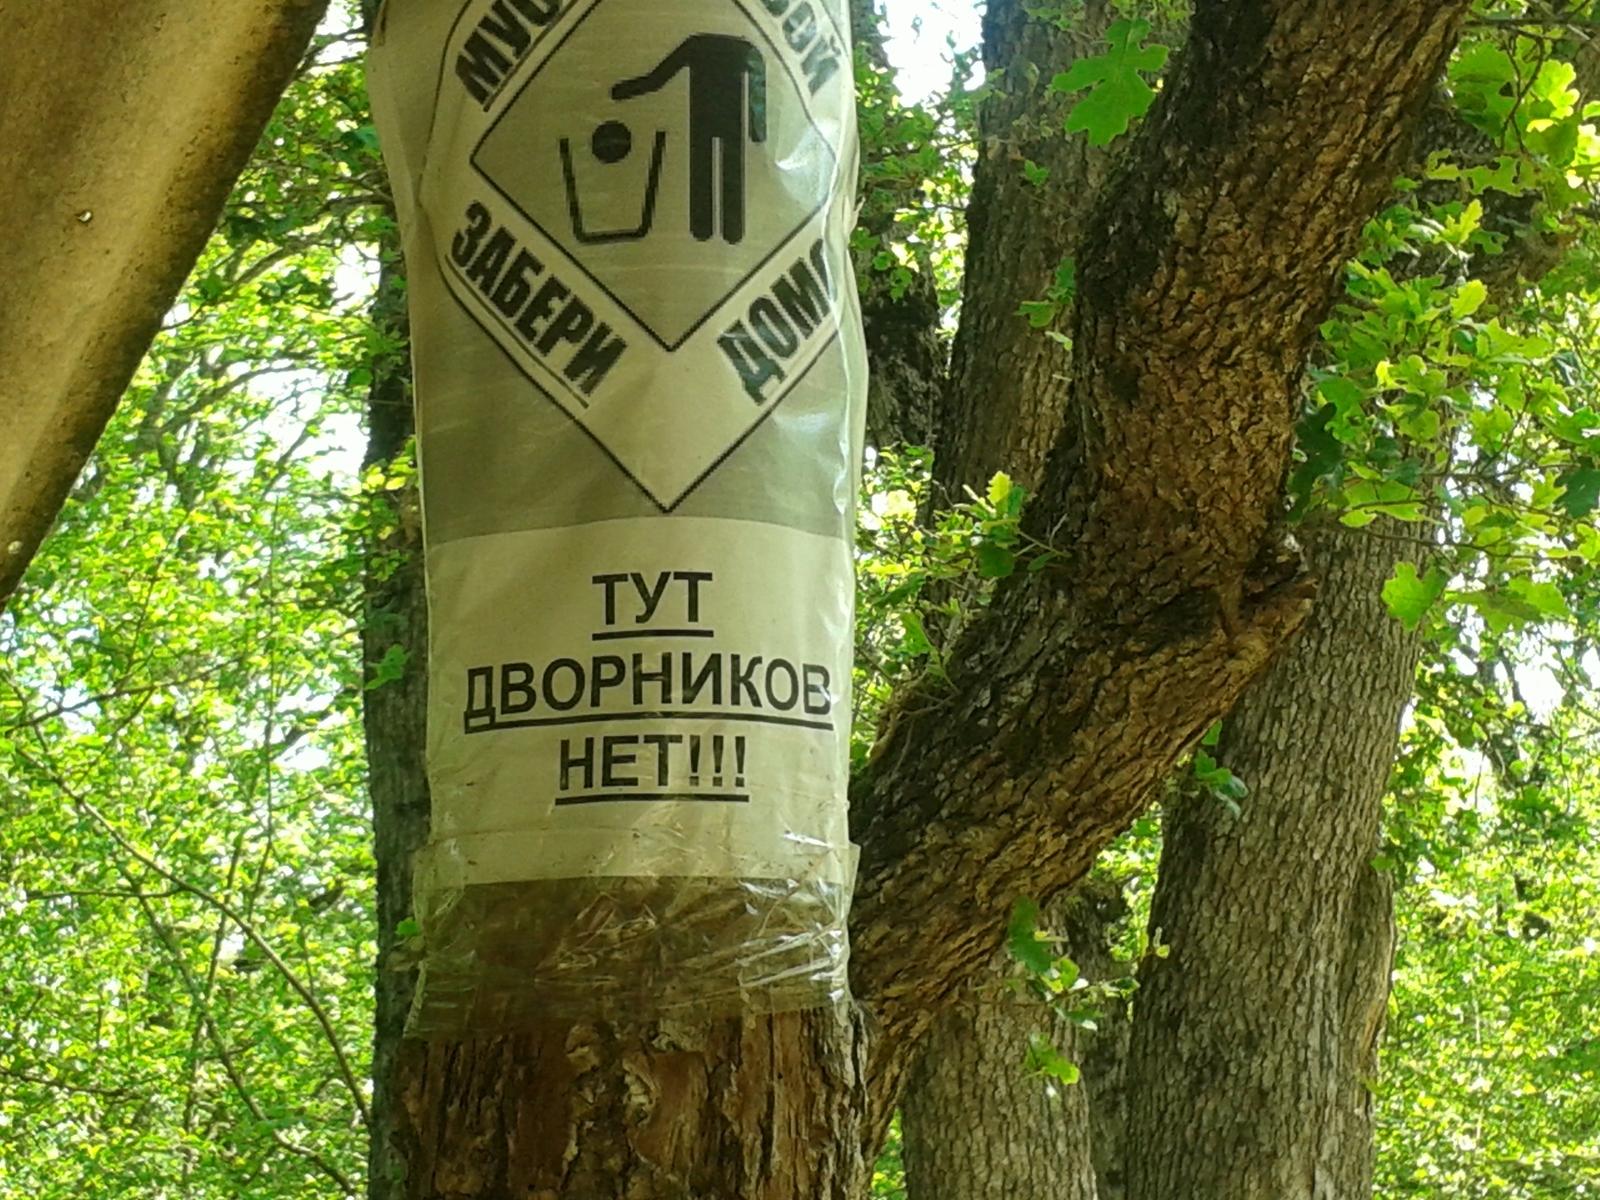 Фото секса в лес фото 99-739